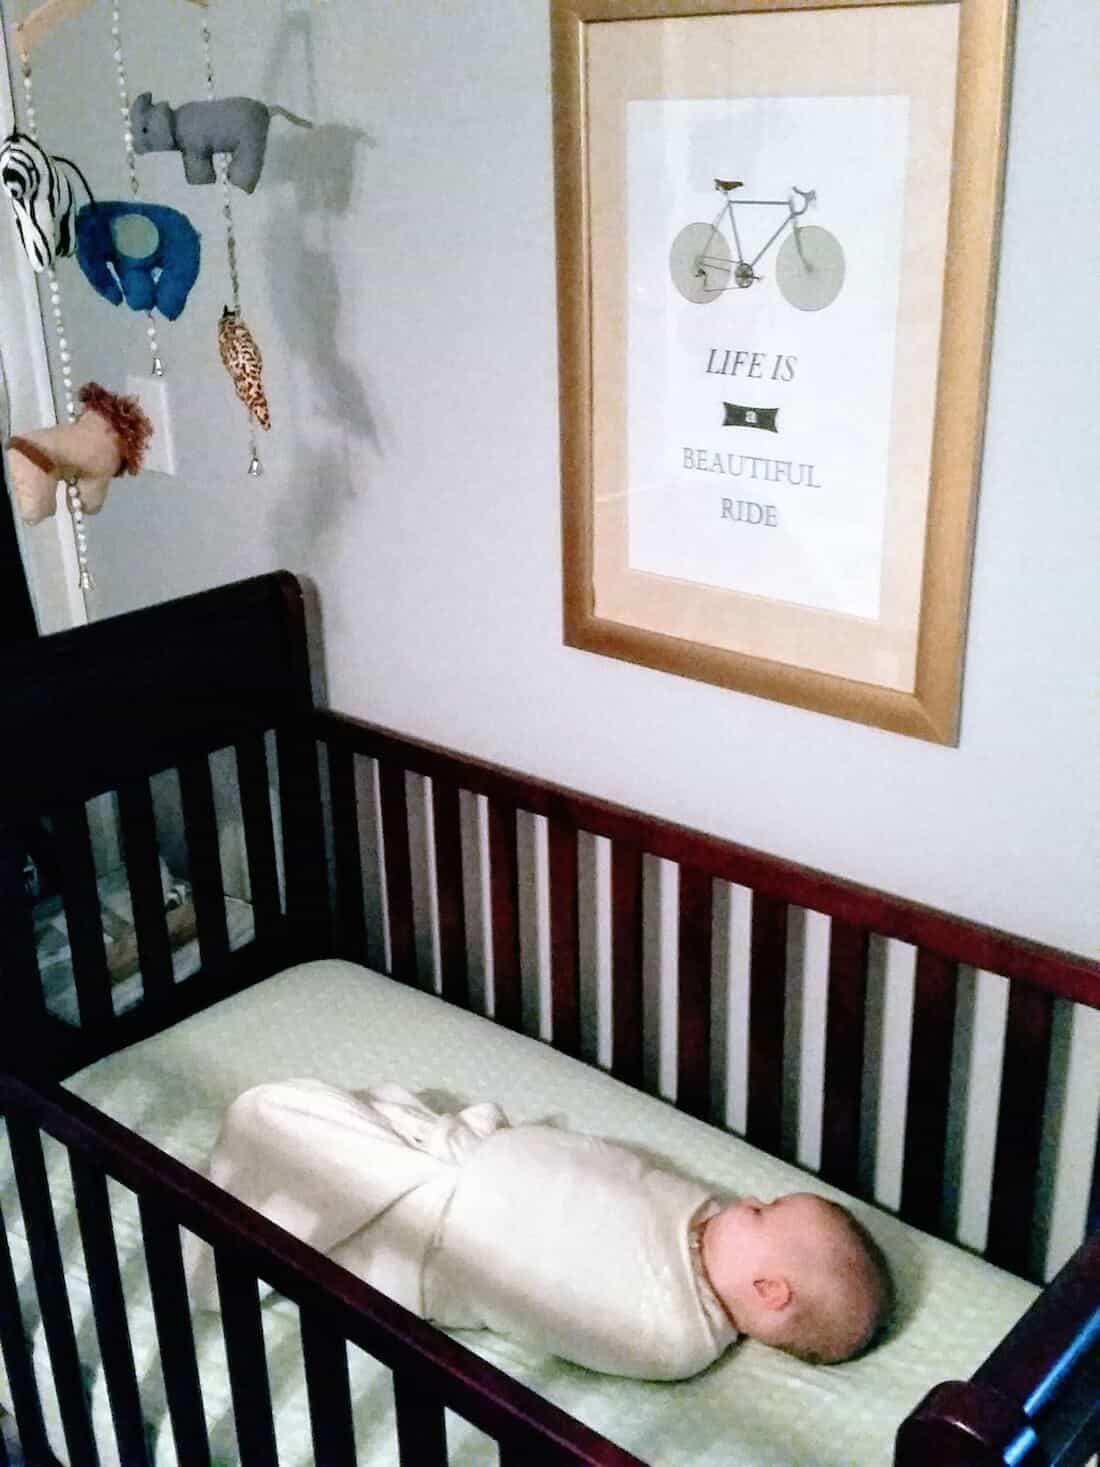 Baby girl sleeps in crib with swaddle.